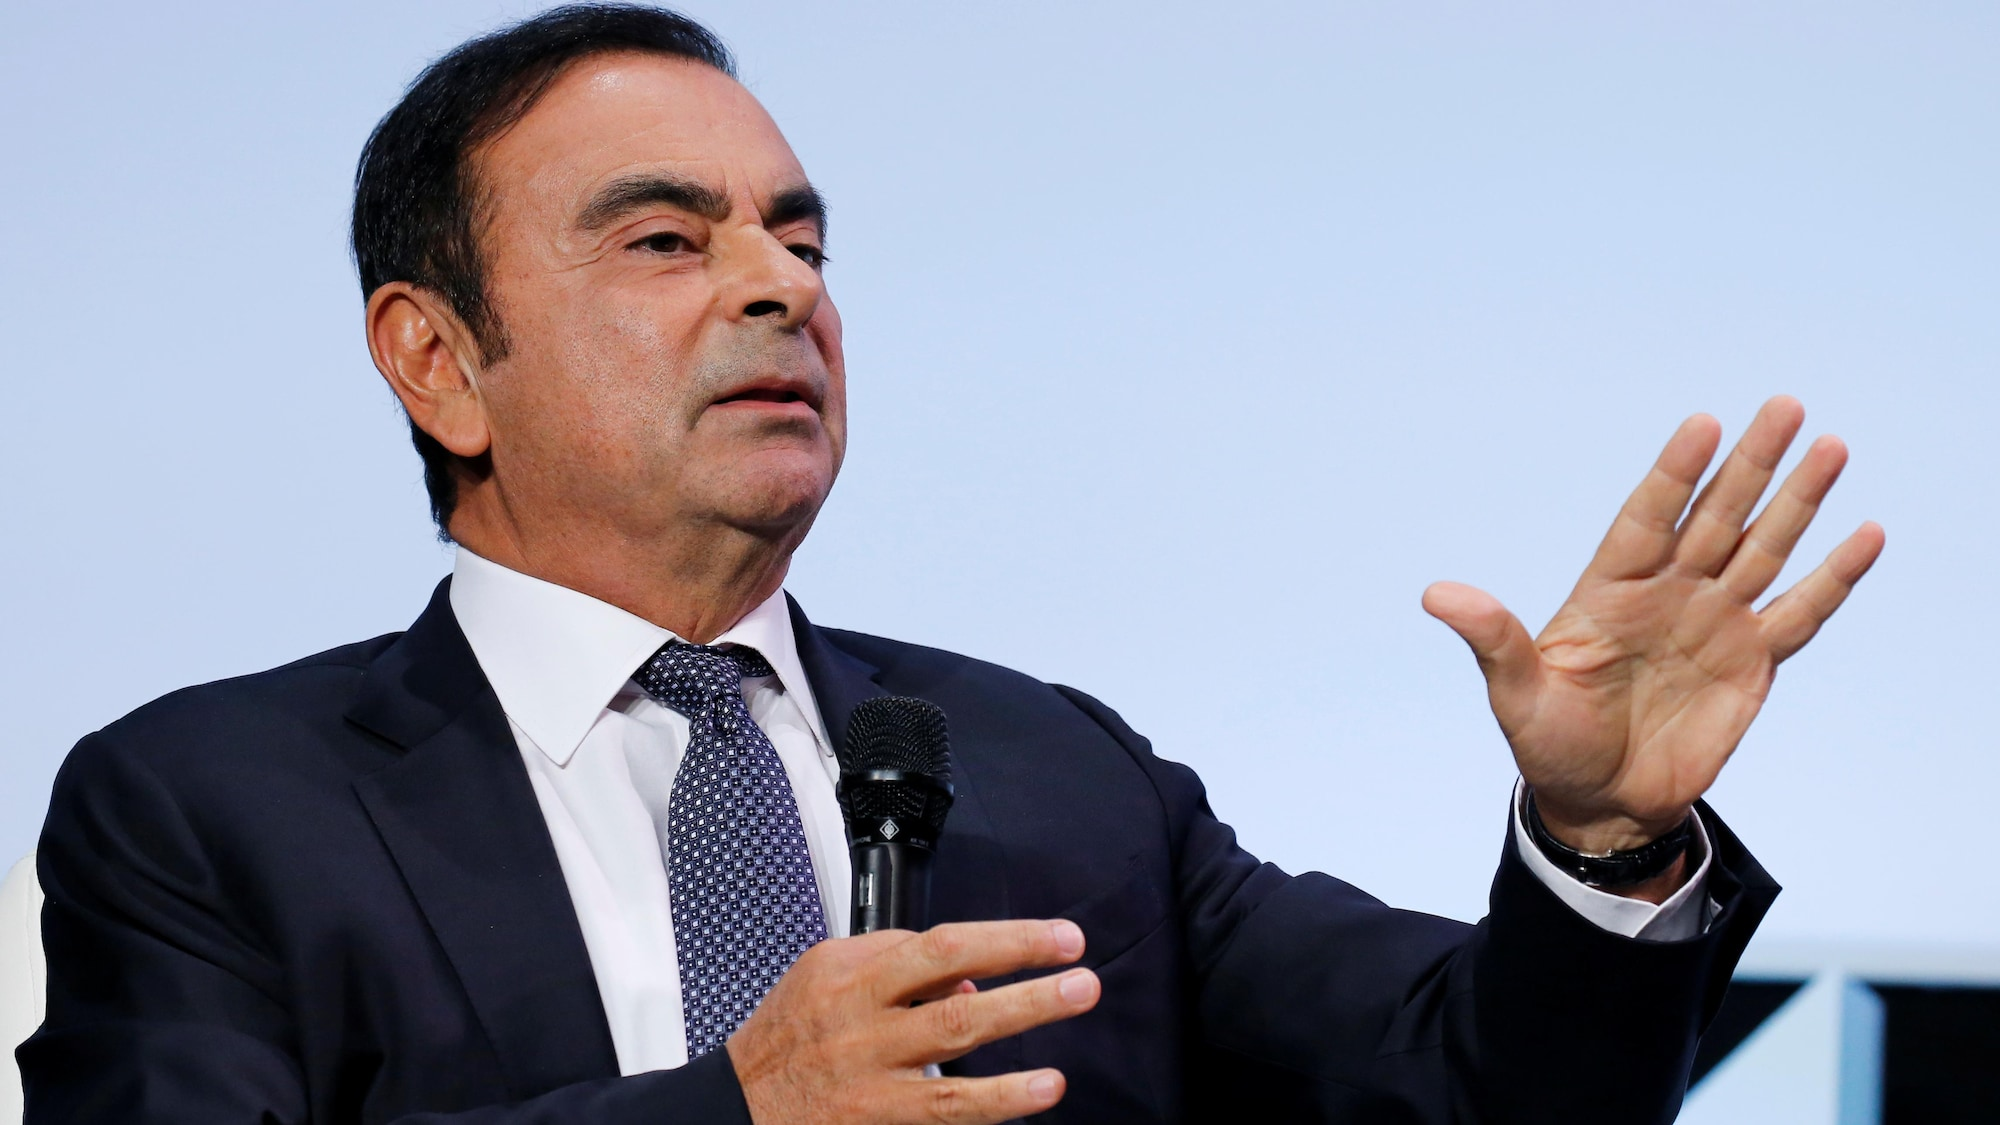 Carlos Ghosn tient un micro.